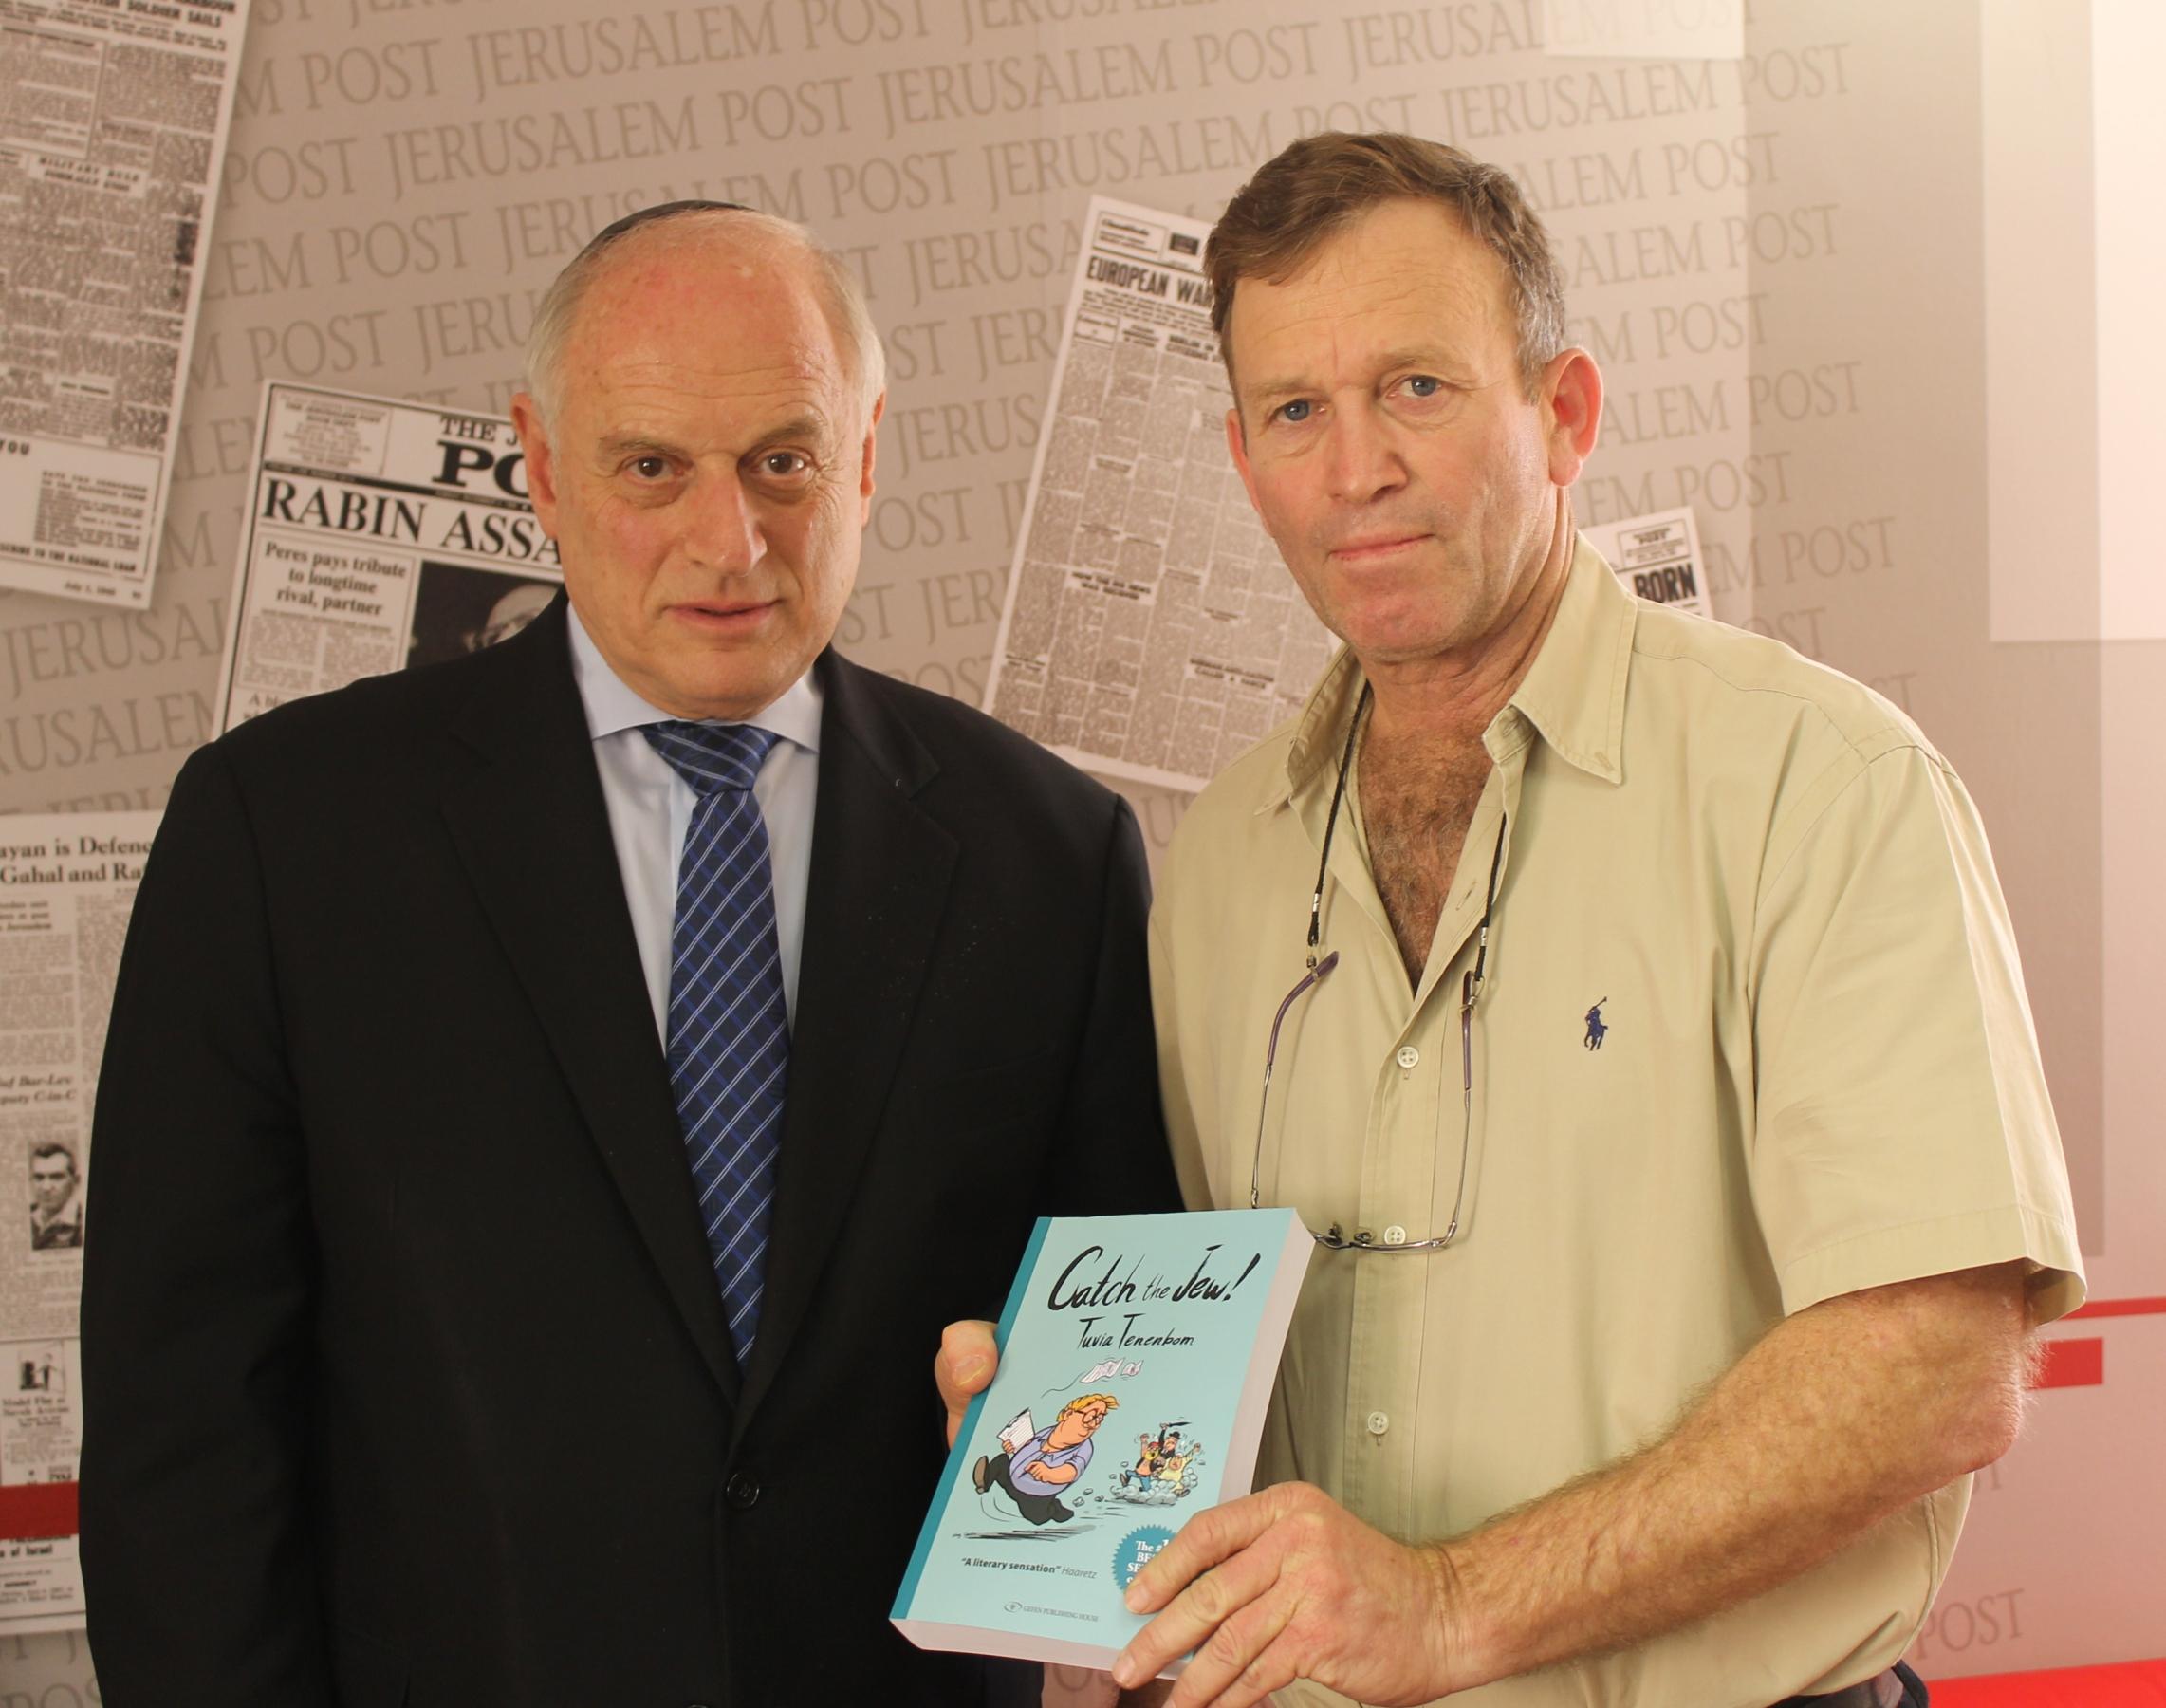 Malcolm_Hoenlein_with_Ilan_Greenfield